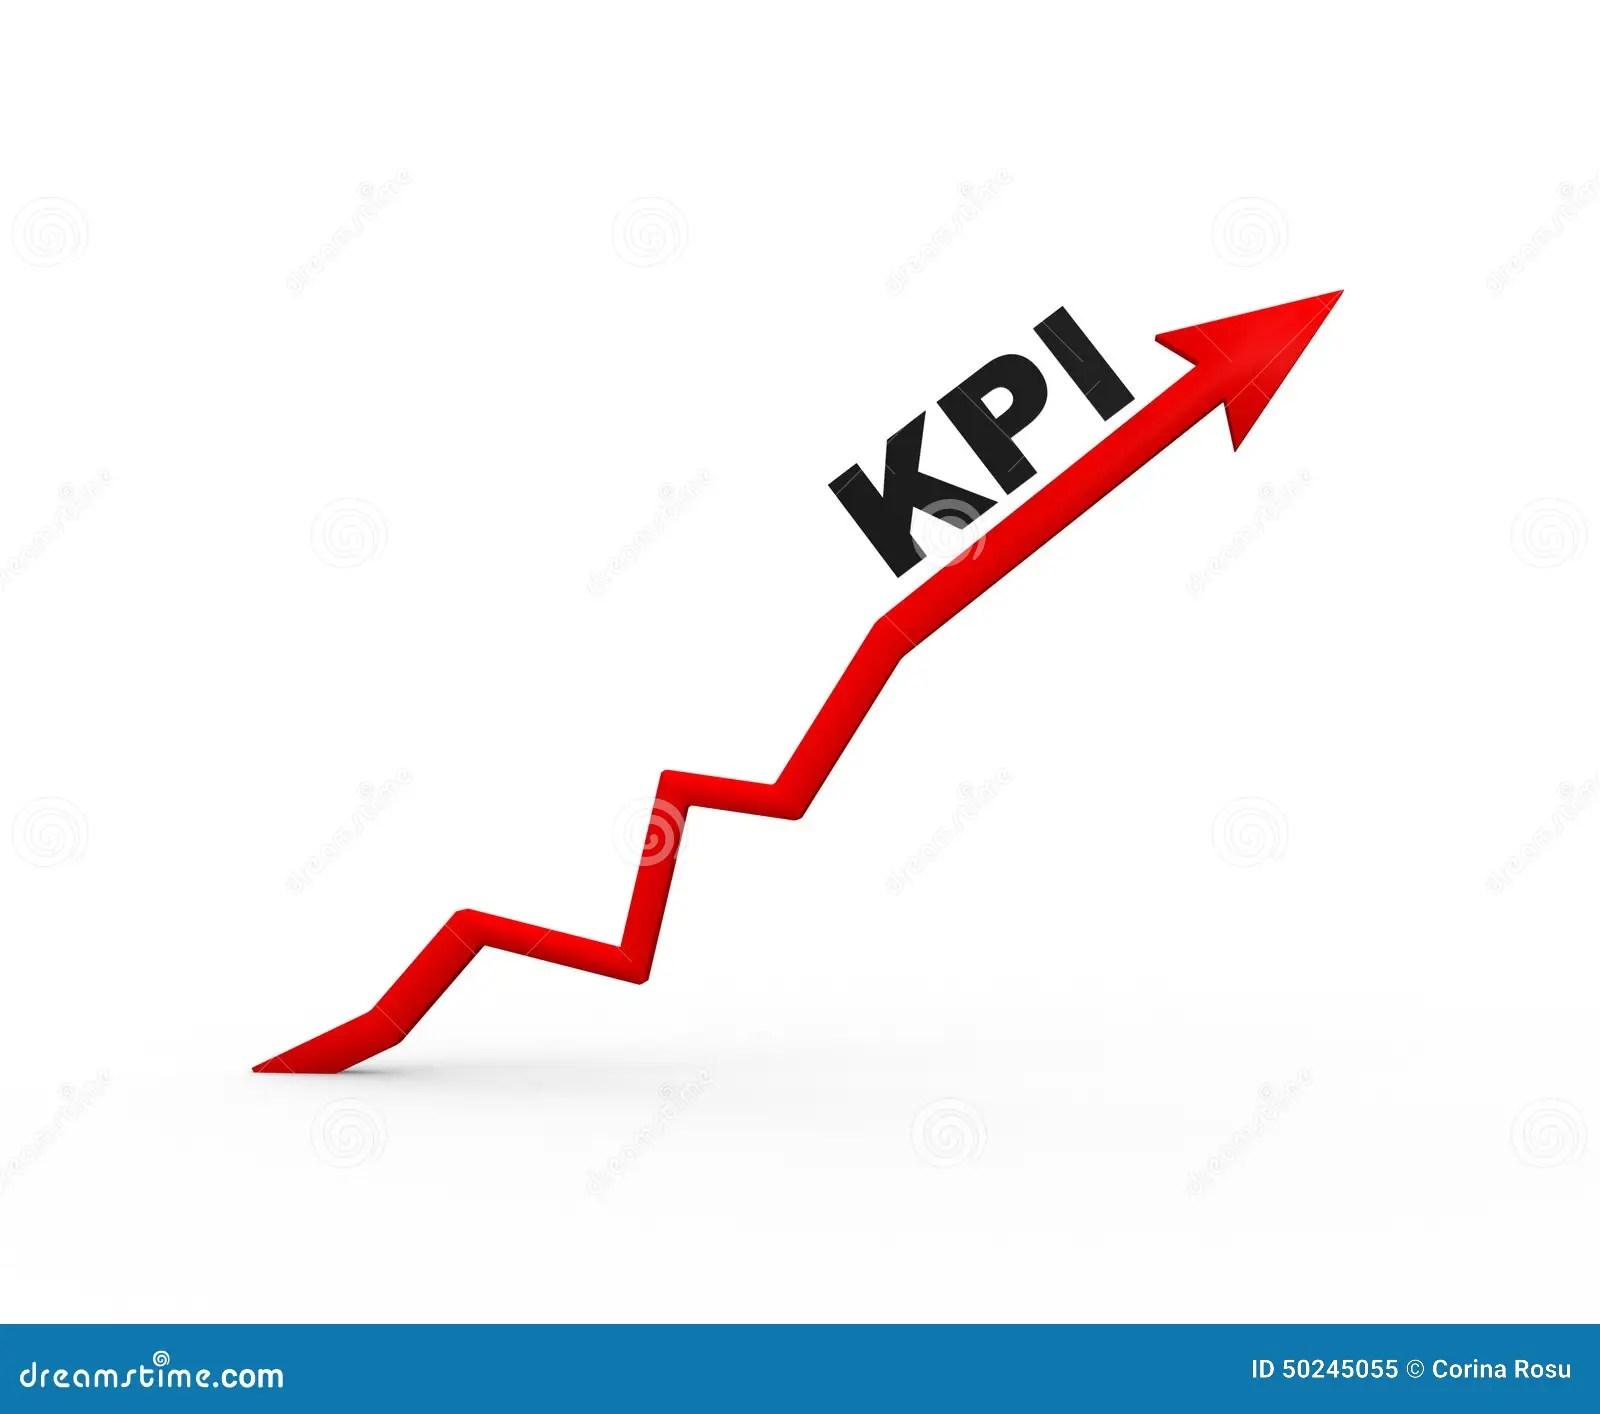 Kpi Key Performance Indicator Stock Illustration